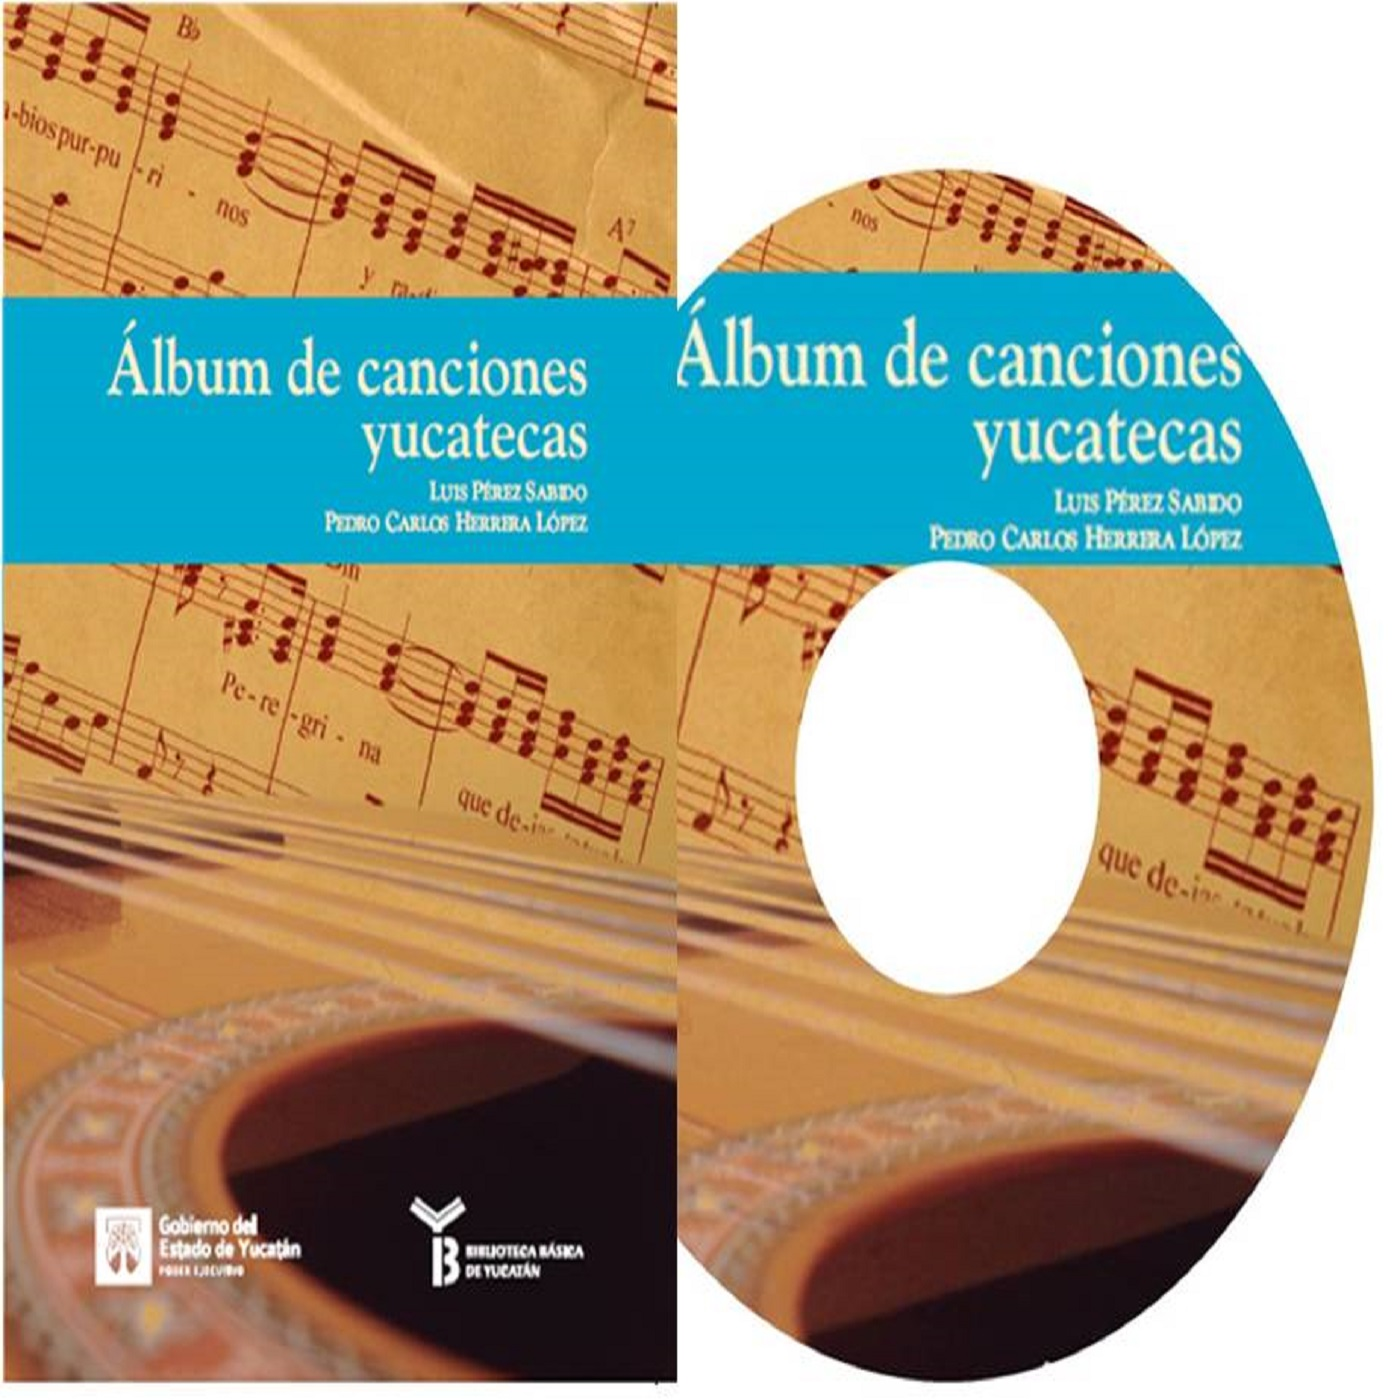 Álbum de canciones yucatecas